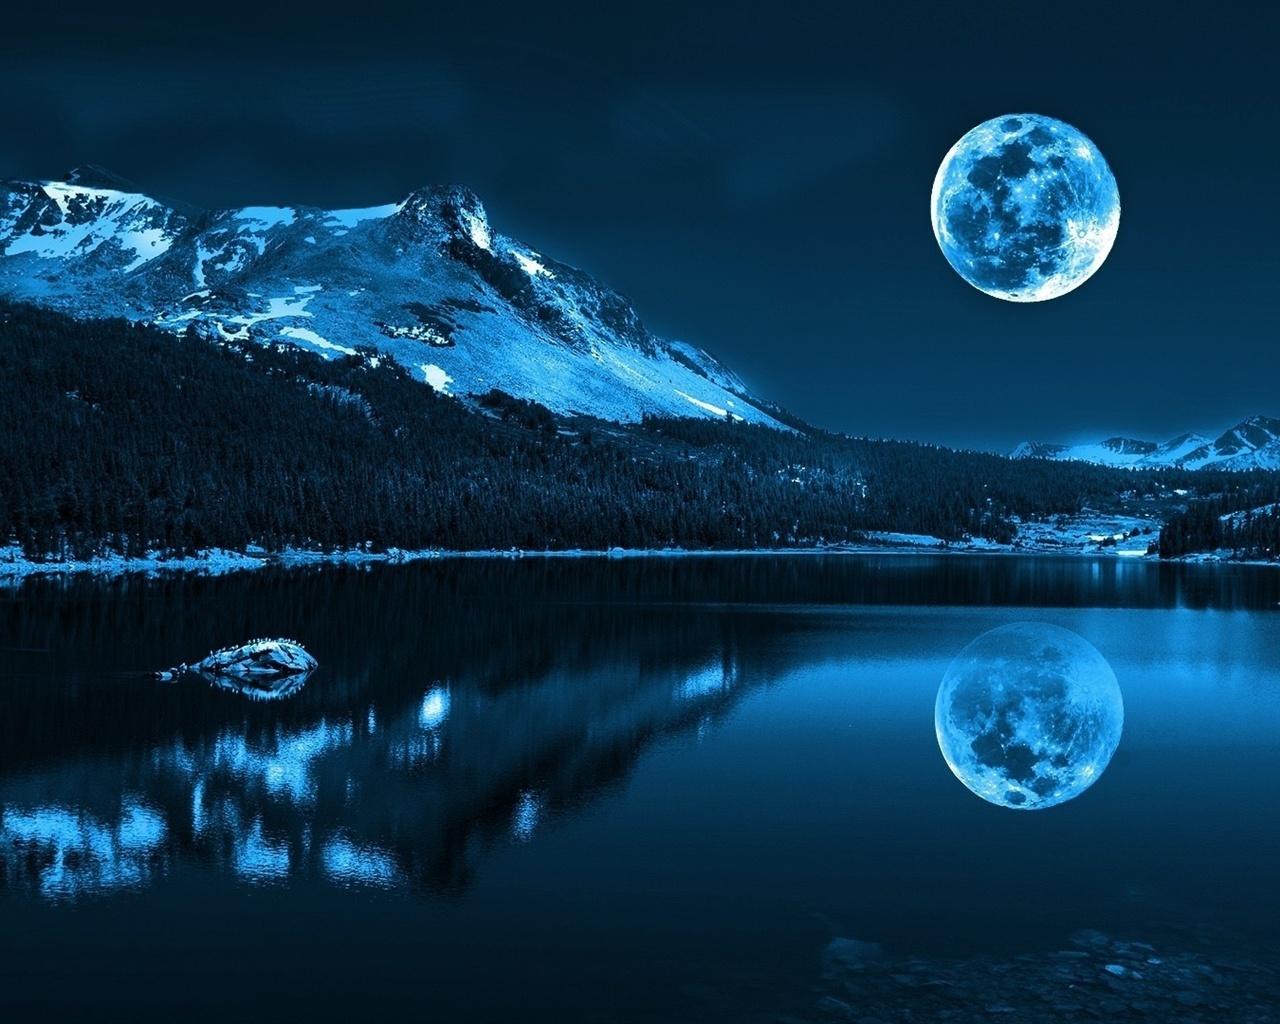 Mond, See, Berge, Kalte Nacht, Natur Landschaft 1920x1080